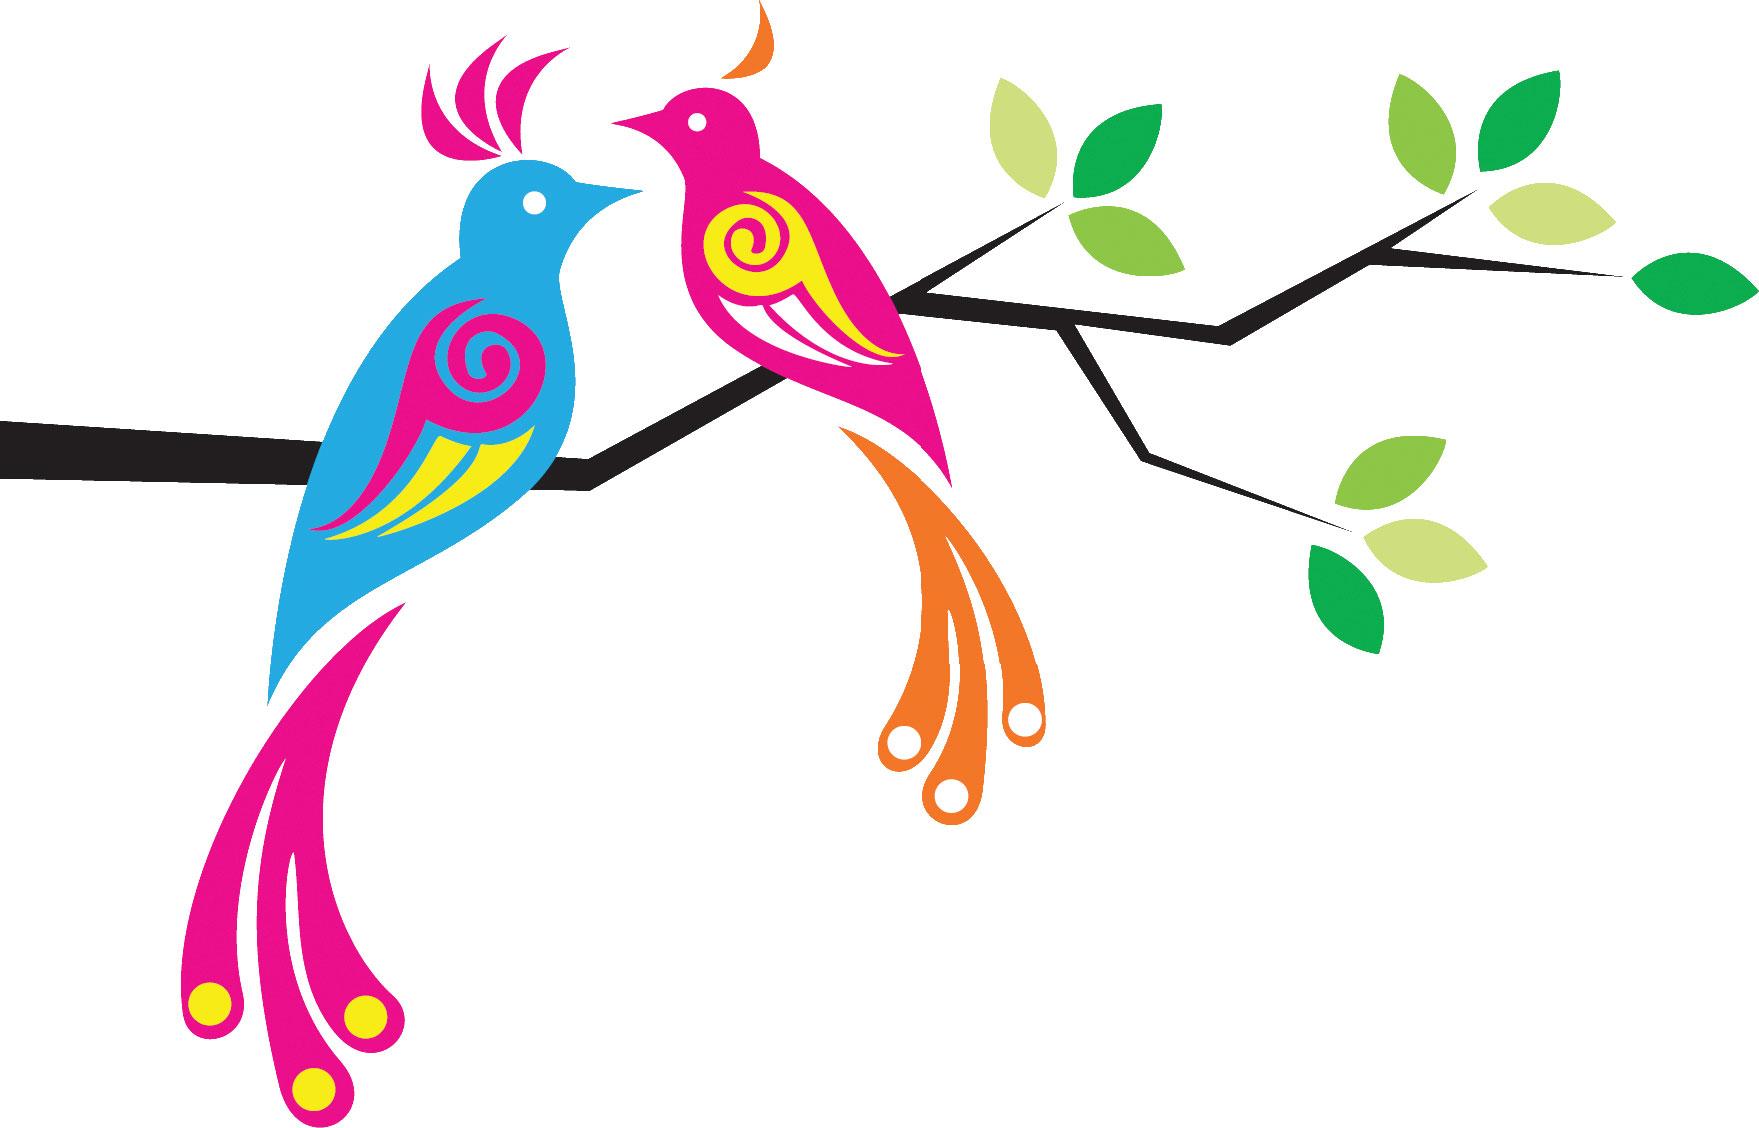 ポップでかわいい花のイラスト・フリー素材/no.342『枝葉と鳥のイラスト